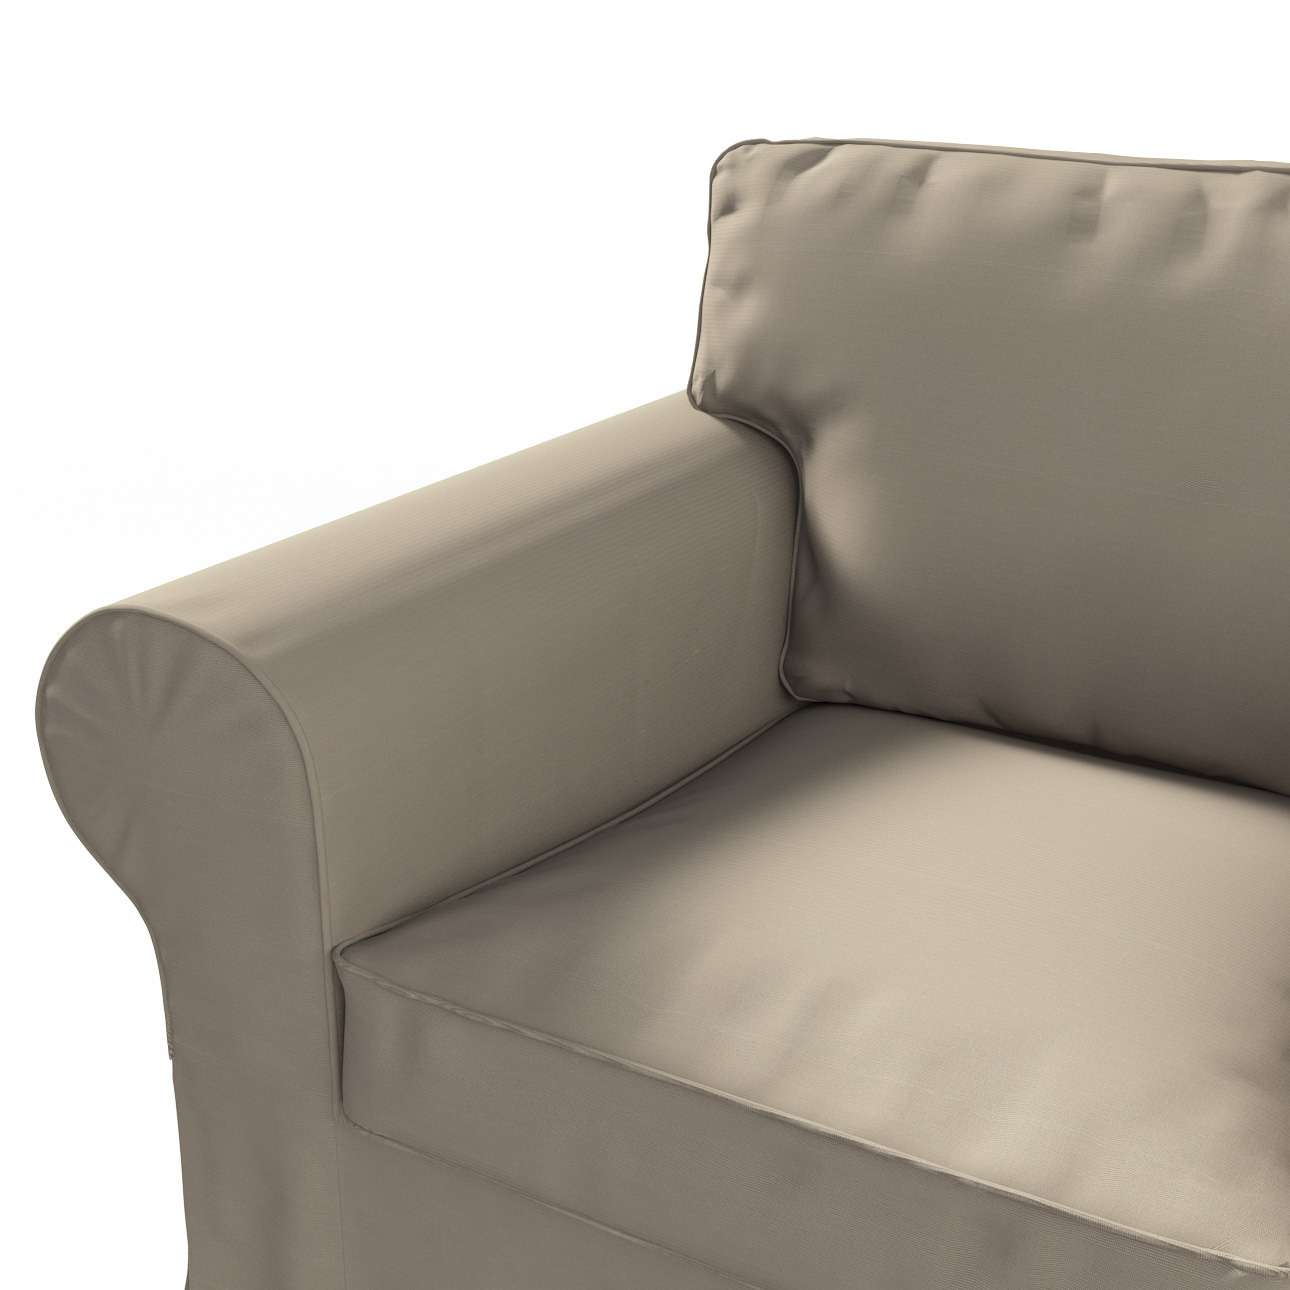 Pokrowiec na fotel Ektorp Fotel Ektorp w kolekcji Cotton Panama, tkanina: 702-28